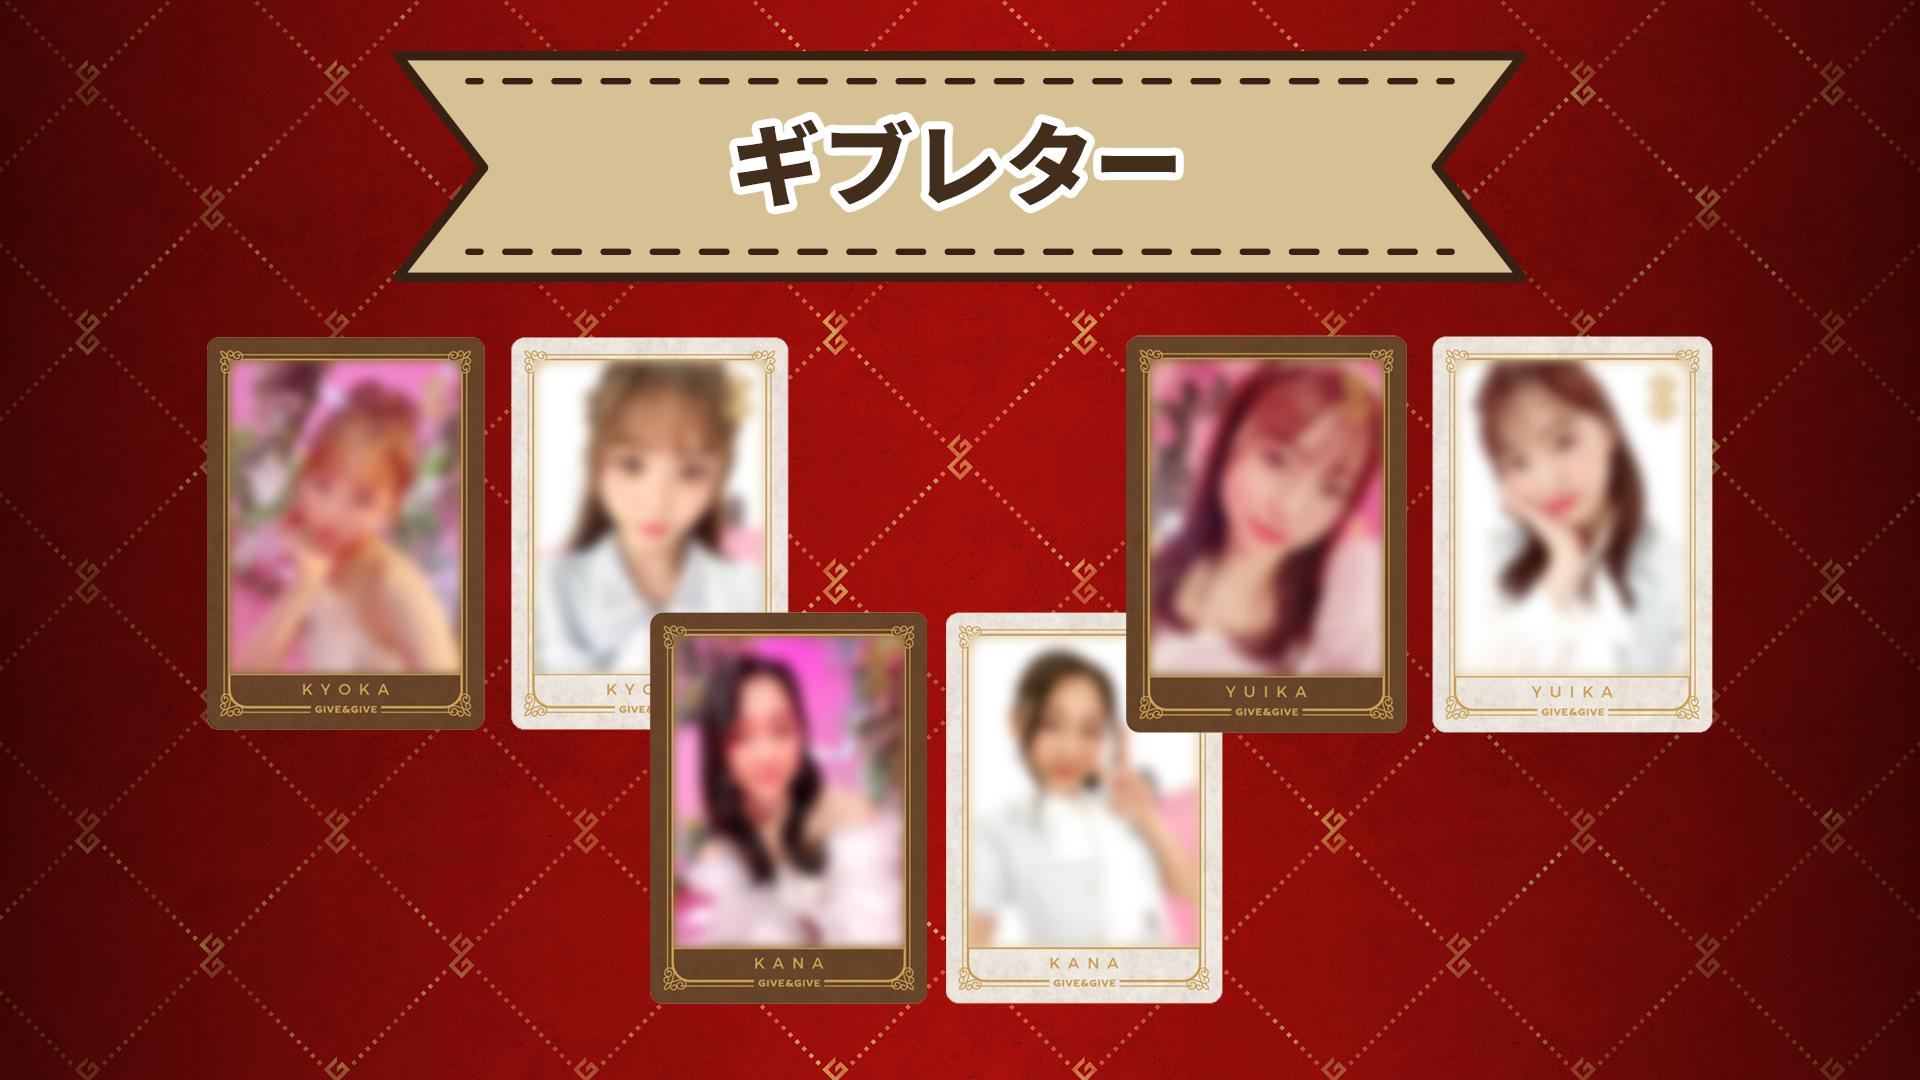 初グッズ「ギブレター」を6月28日より販売開始(サポーター特典あり)